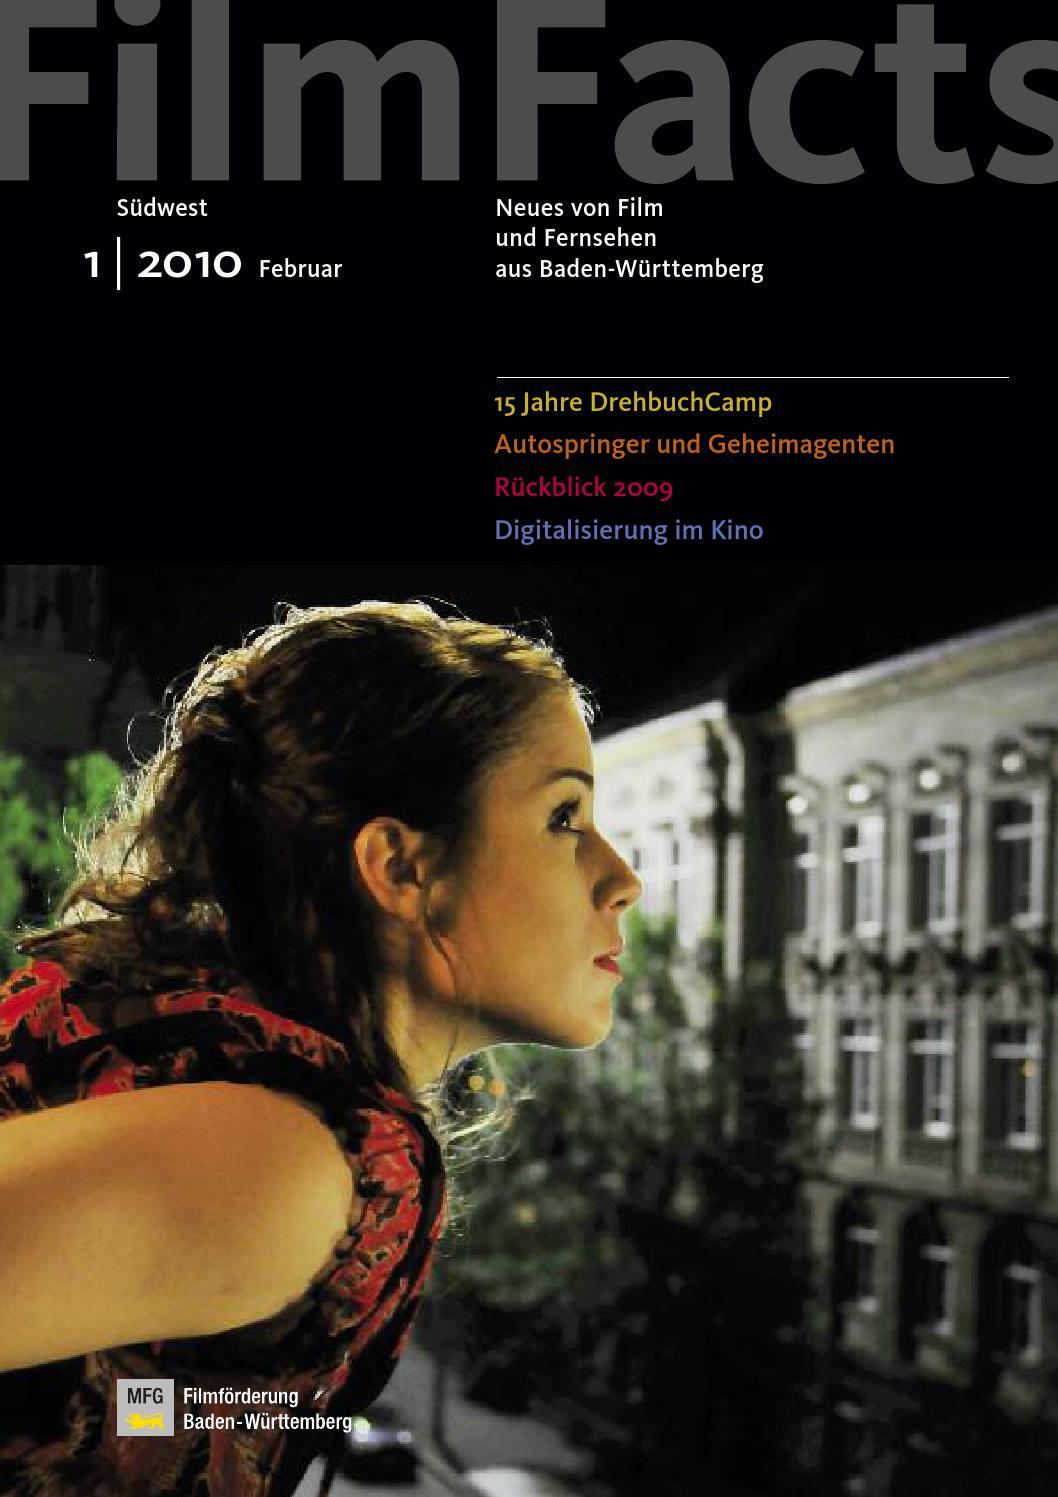 FilmFacts Südwest Ausgabe 1 | 2010 by MFG Filmförderung issuu